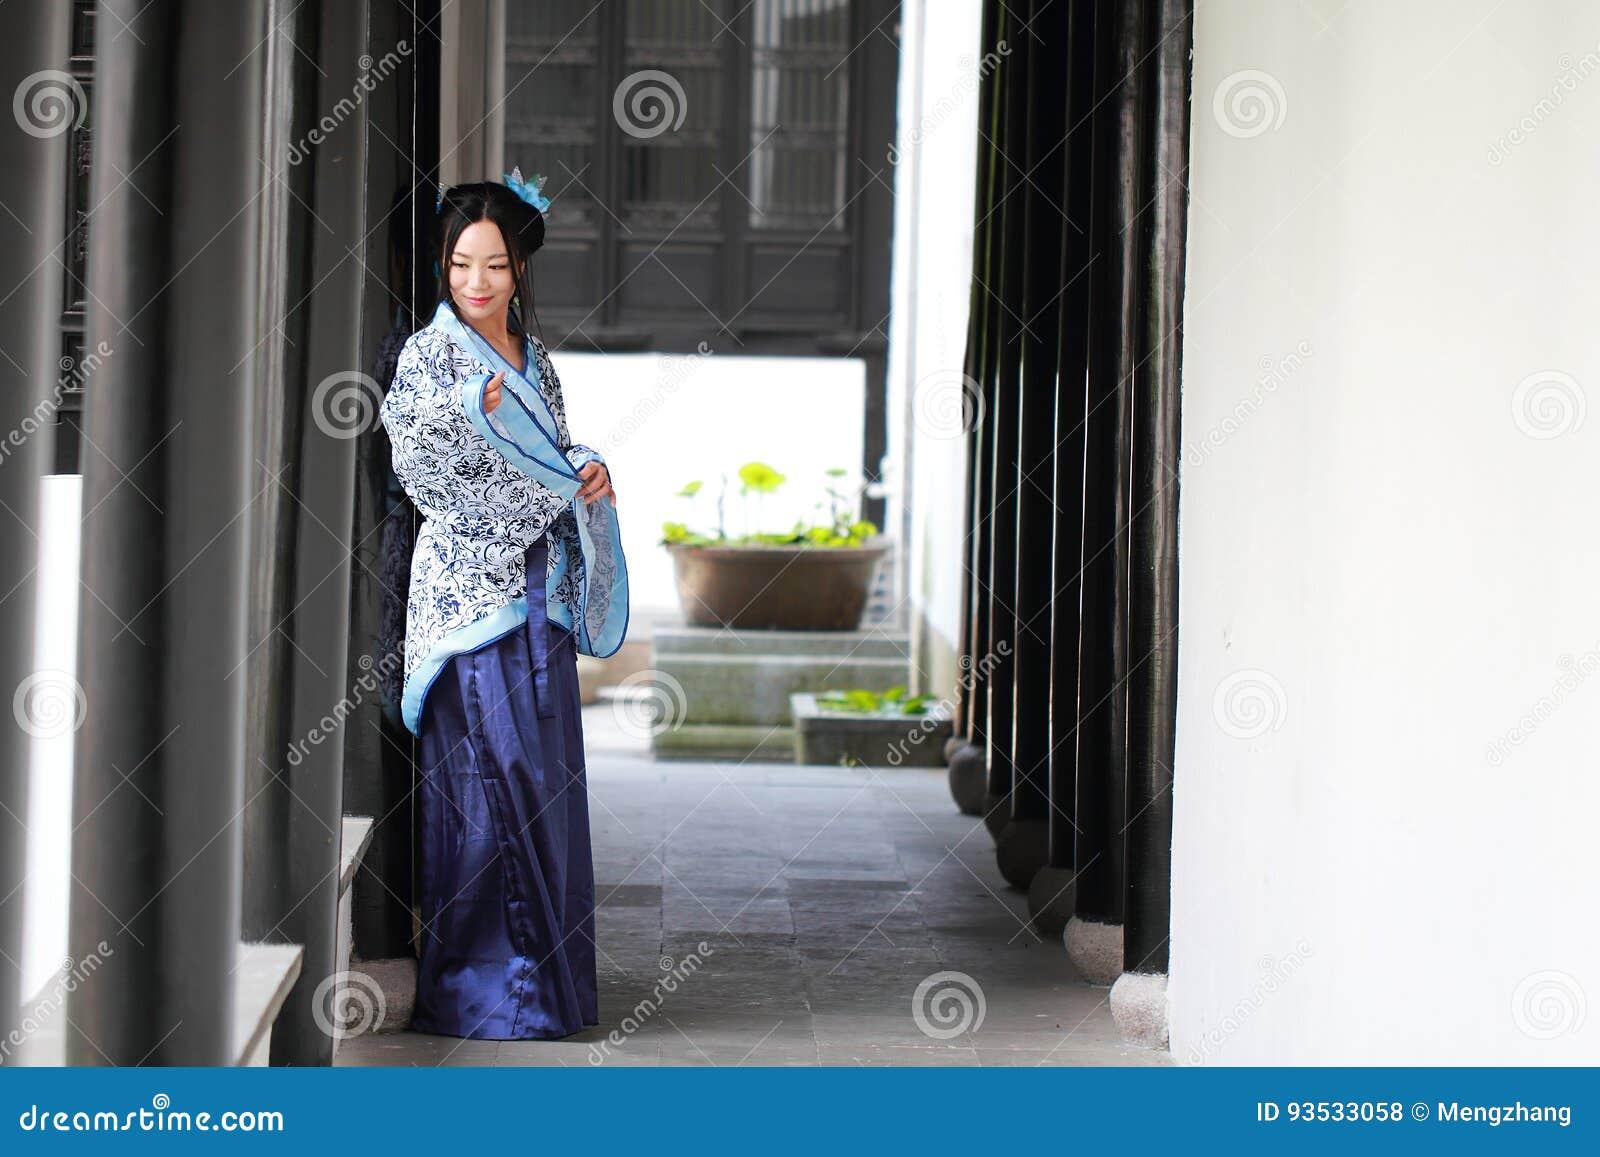 O retrato da menina chinesa asiática no vestido tradicional, veste o estilo azul e branco Hanfu da porcelana